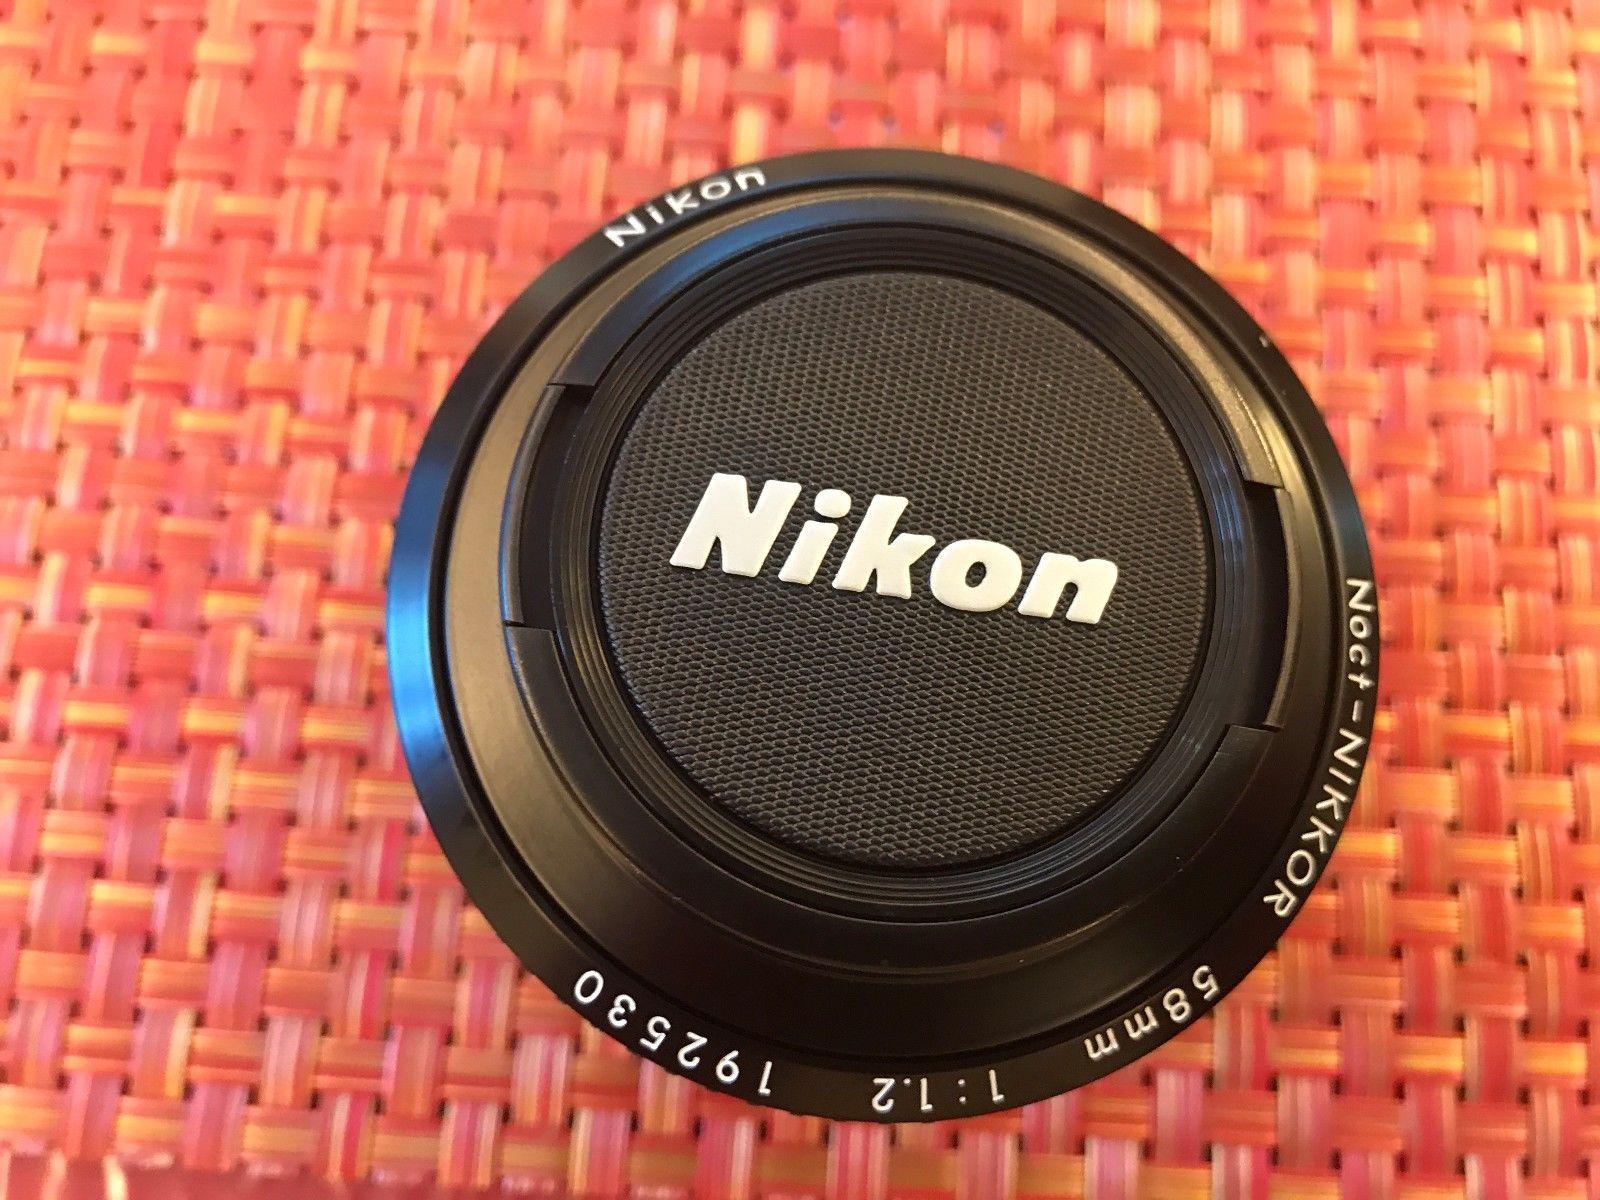 Nikon Noct-Nikkor 58mm f/1.2 с крышкой